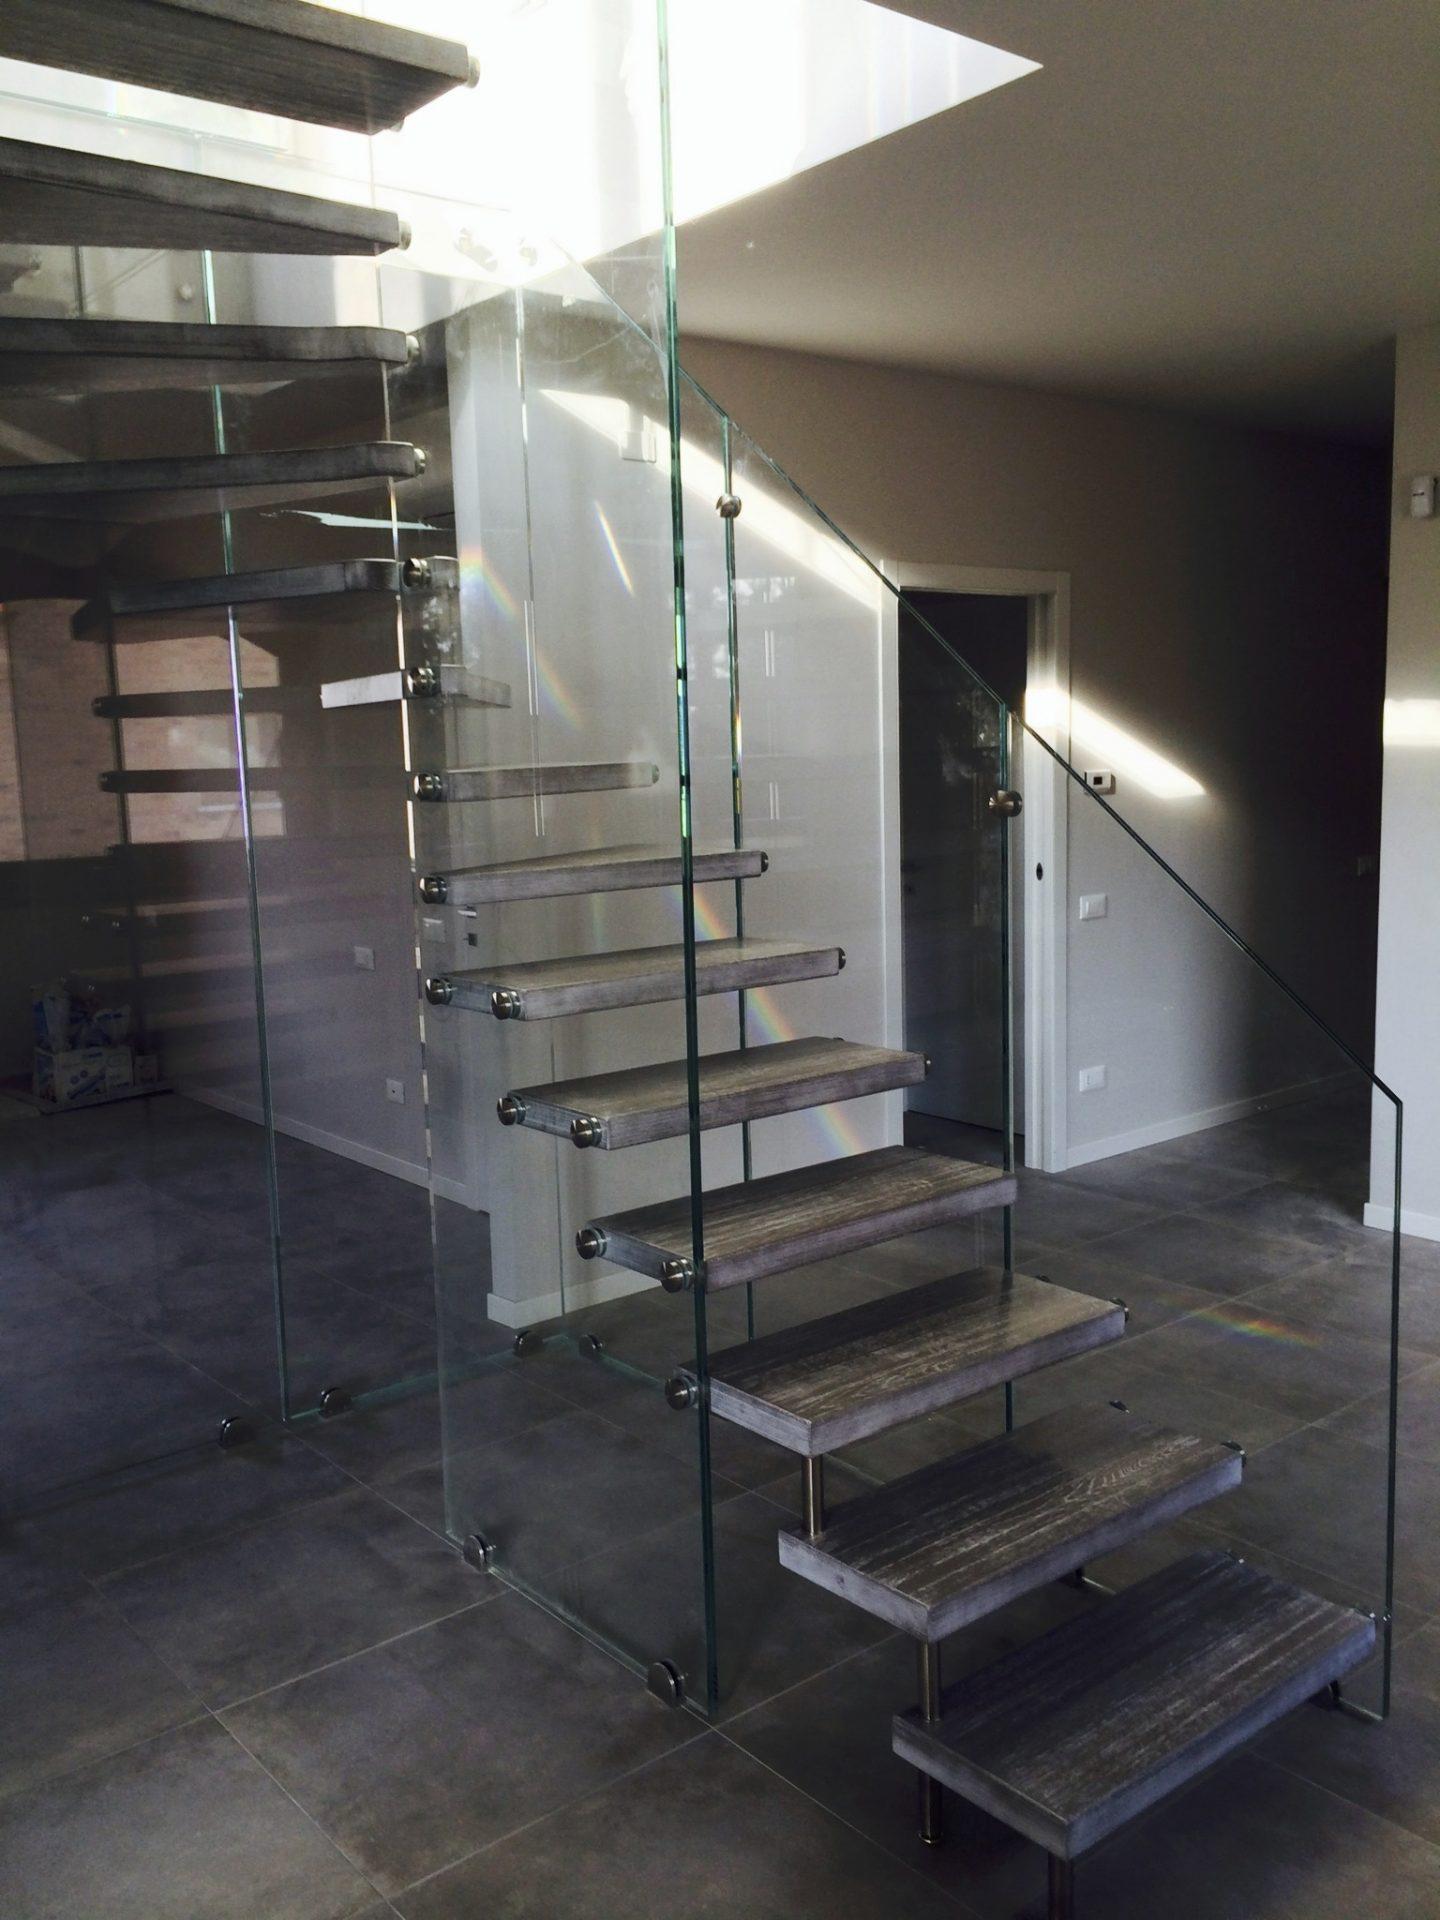 scala-speciale-in-vetro